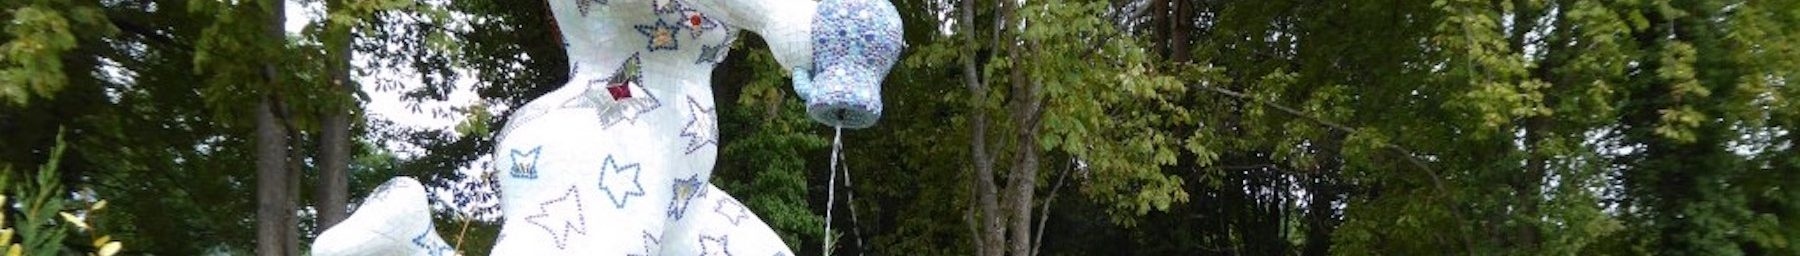 Rénovation des bassins qui accueillent les œuvres d'art aquatiques